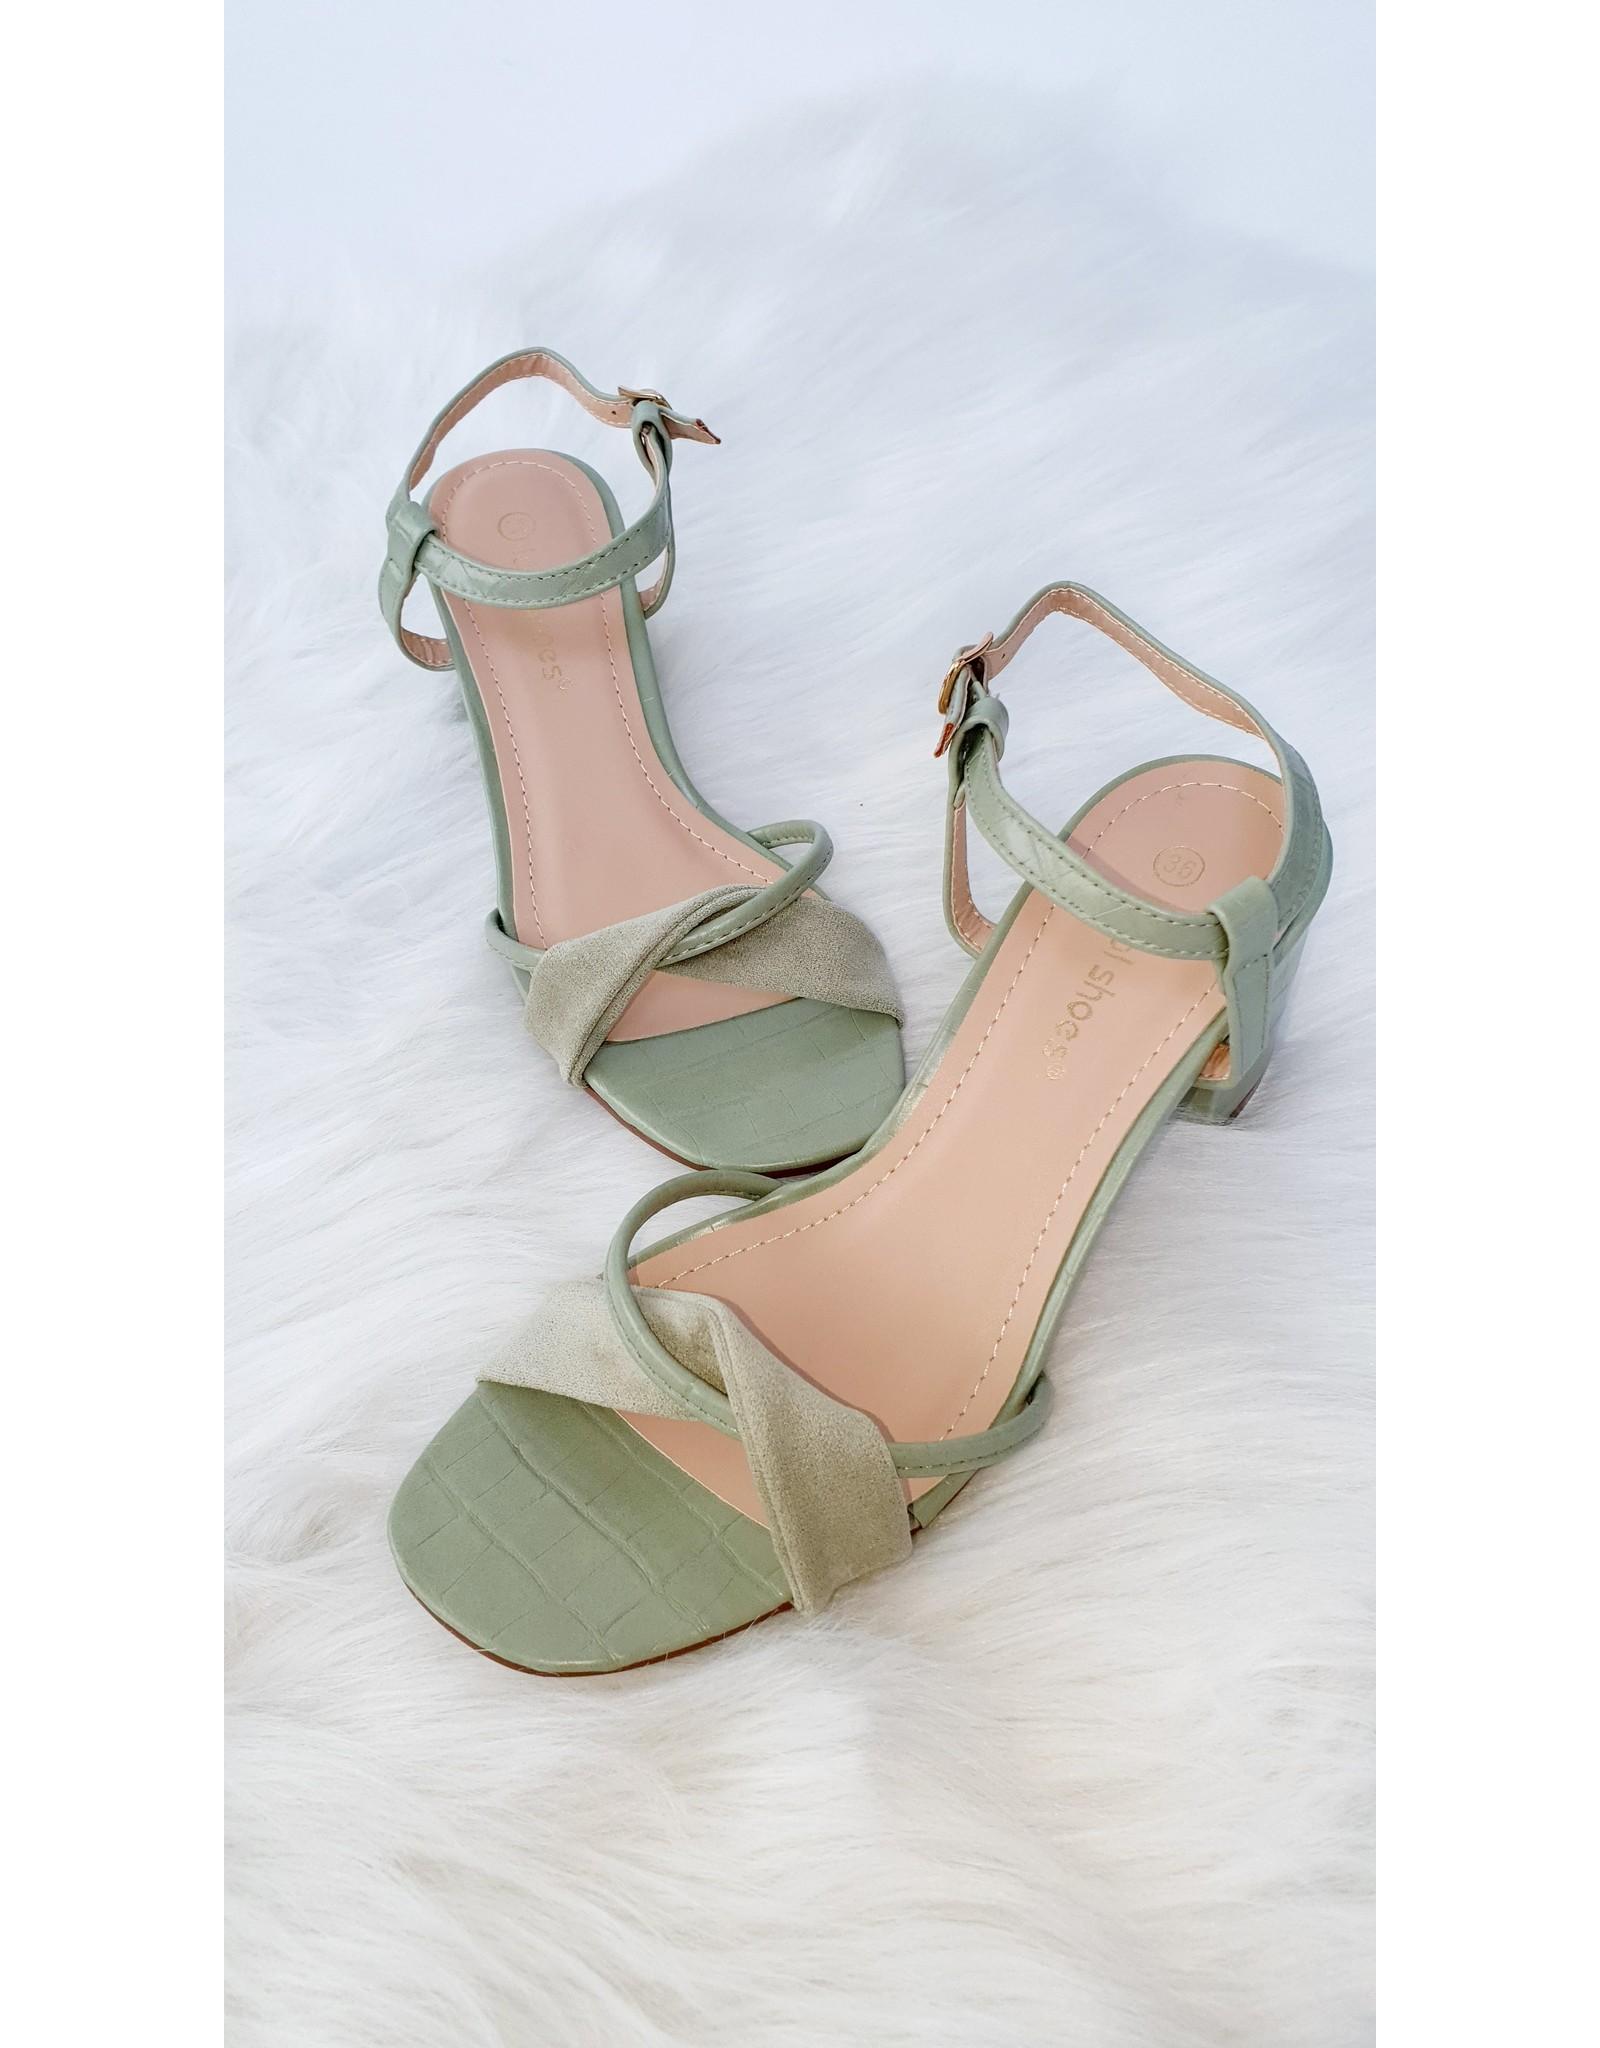 Minty croco heels